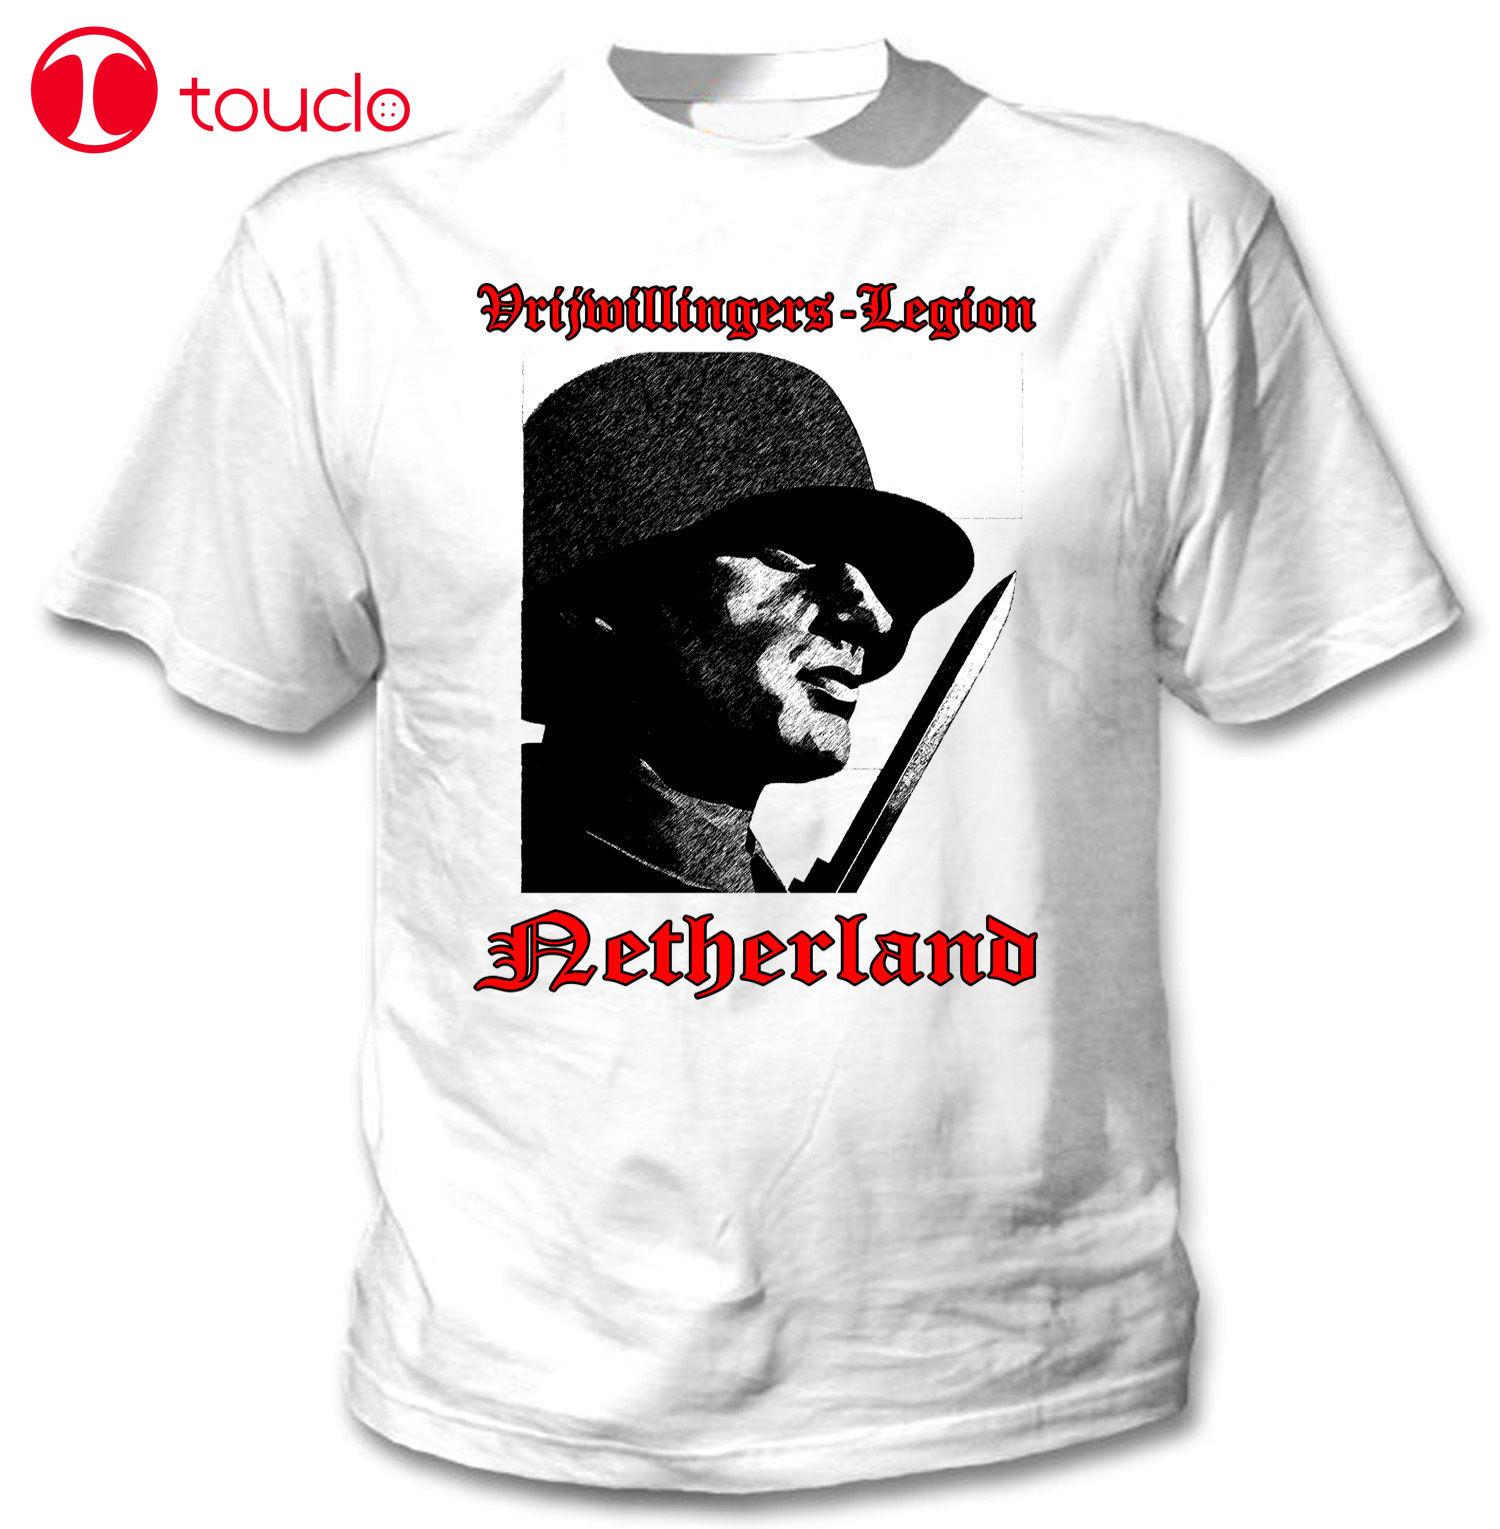 2019 Cool camiseta de la Legión de Wwii-Increíble camiseta gráfica-S-M-L-Xl-Xxl sudadera